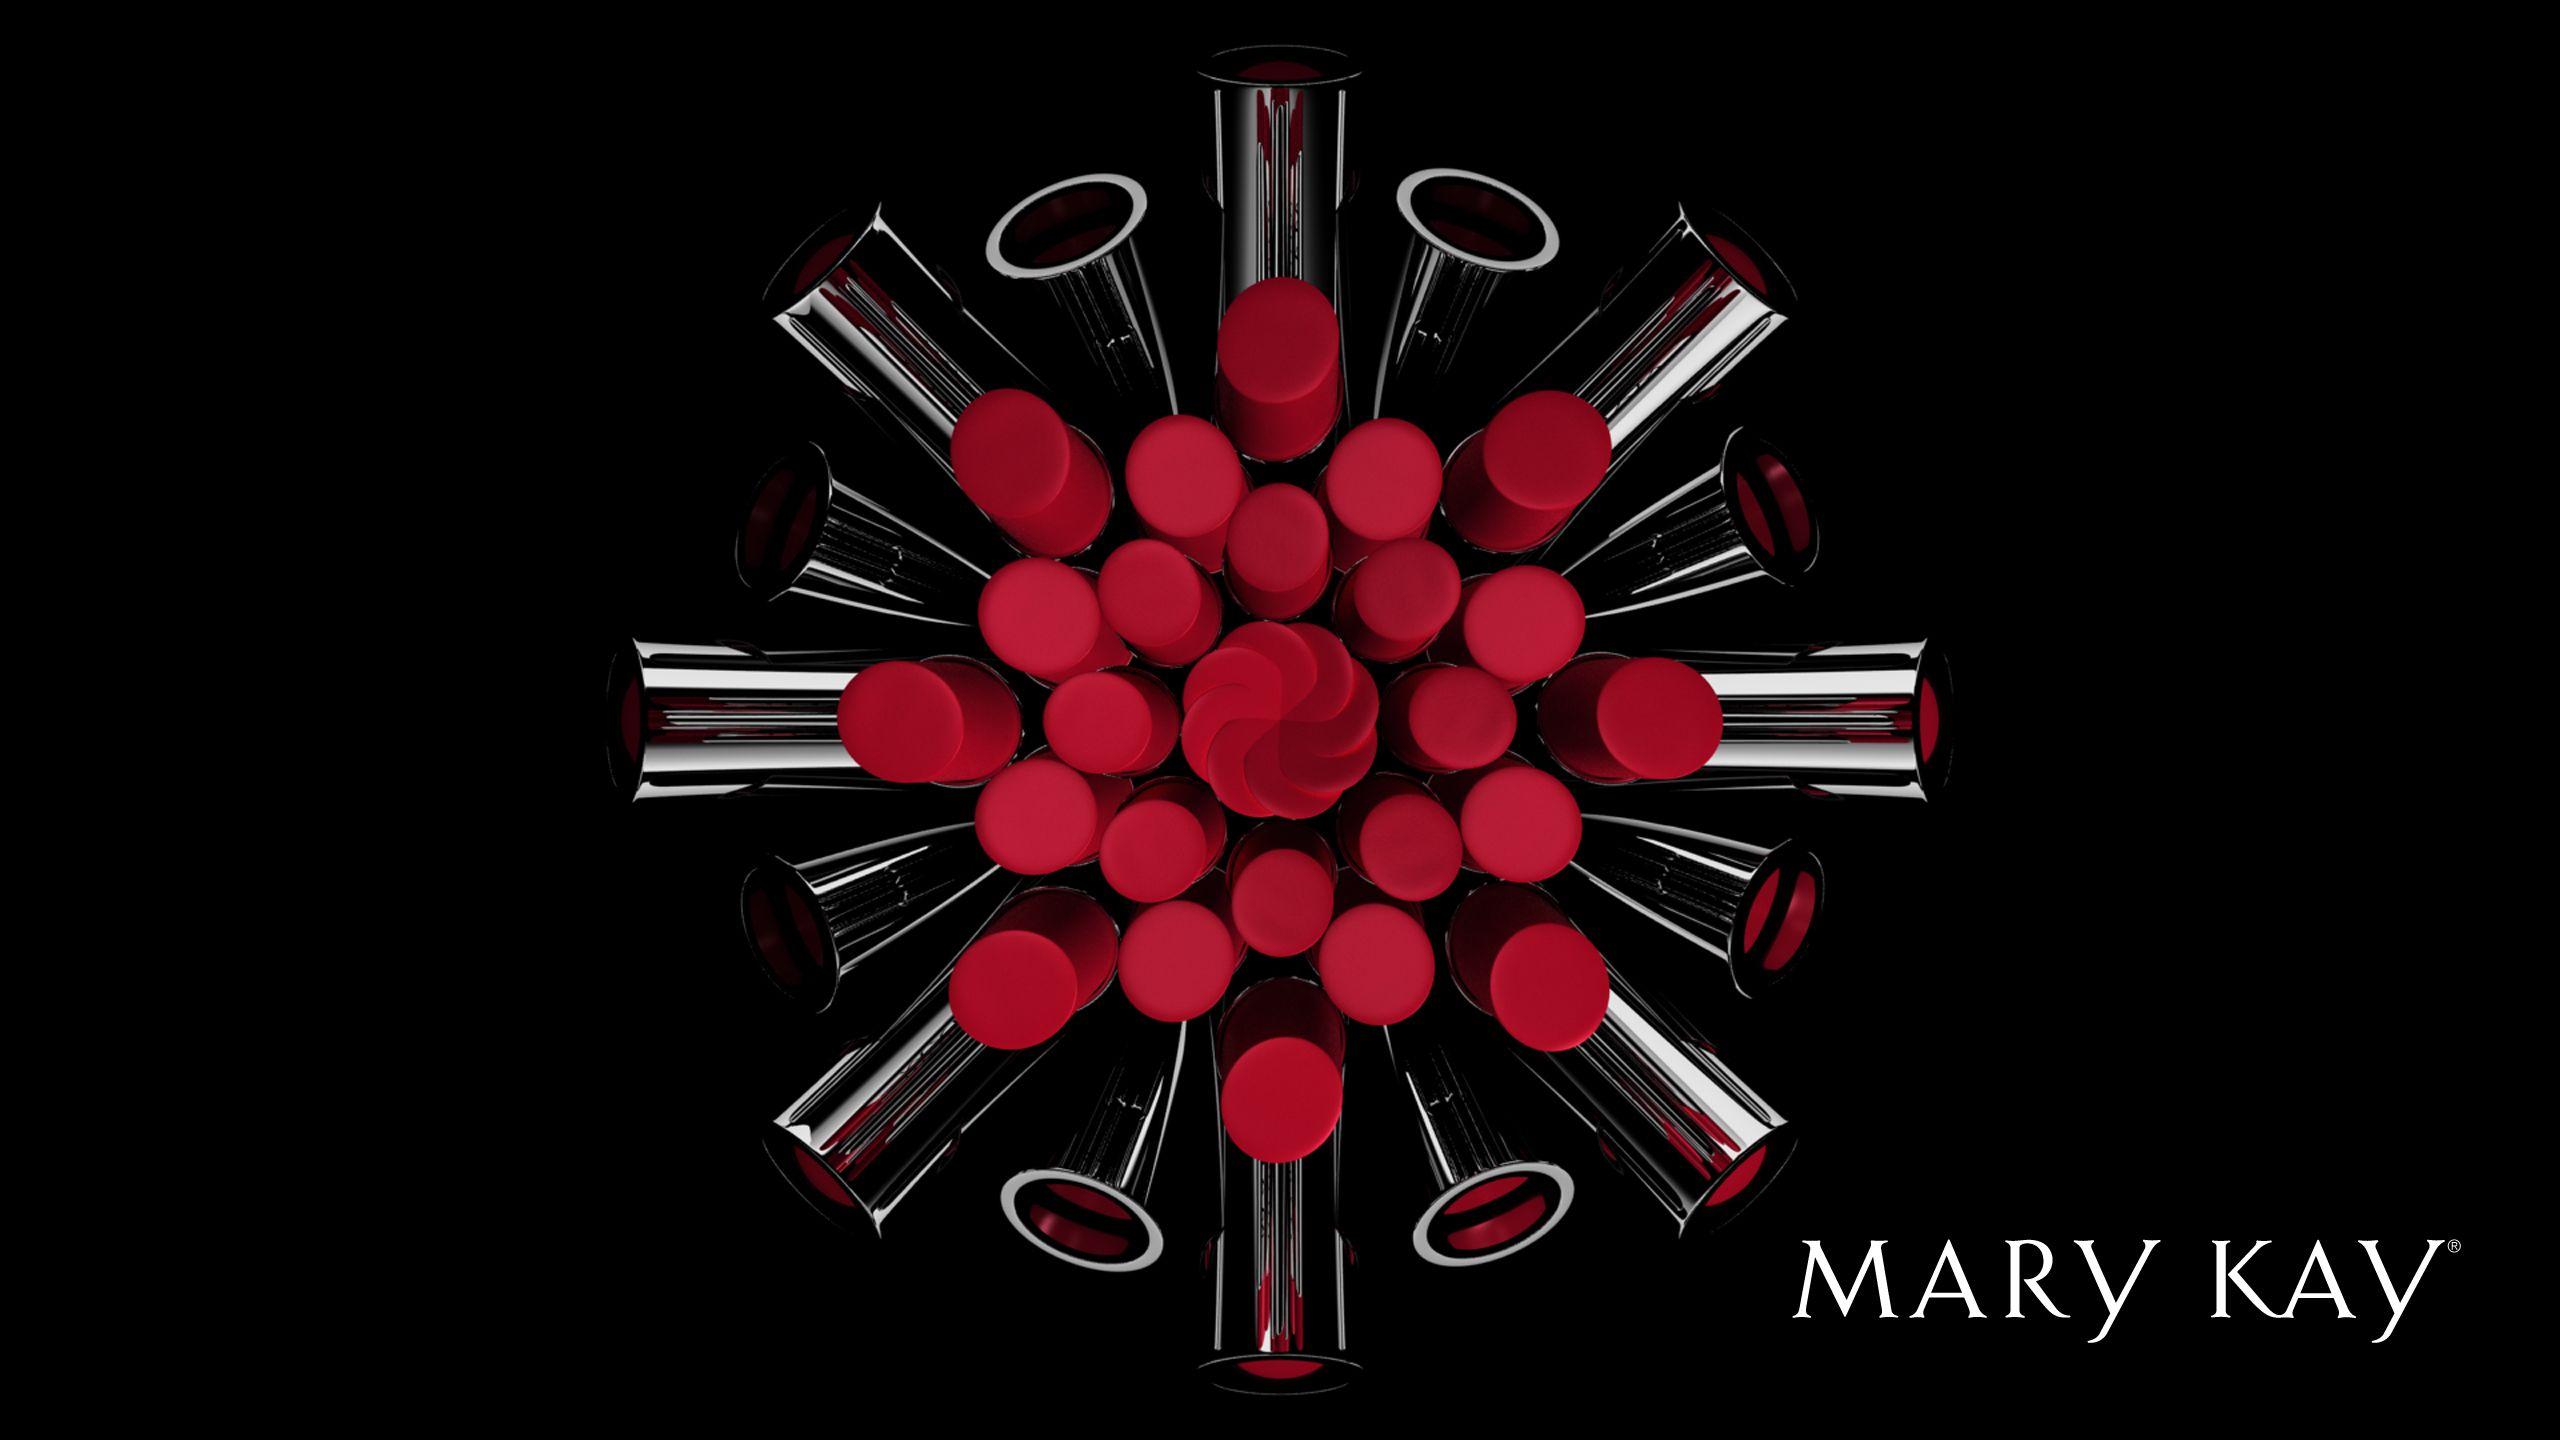 Dicas, lançamentos e muita informação sobre os produtos Mary Kay